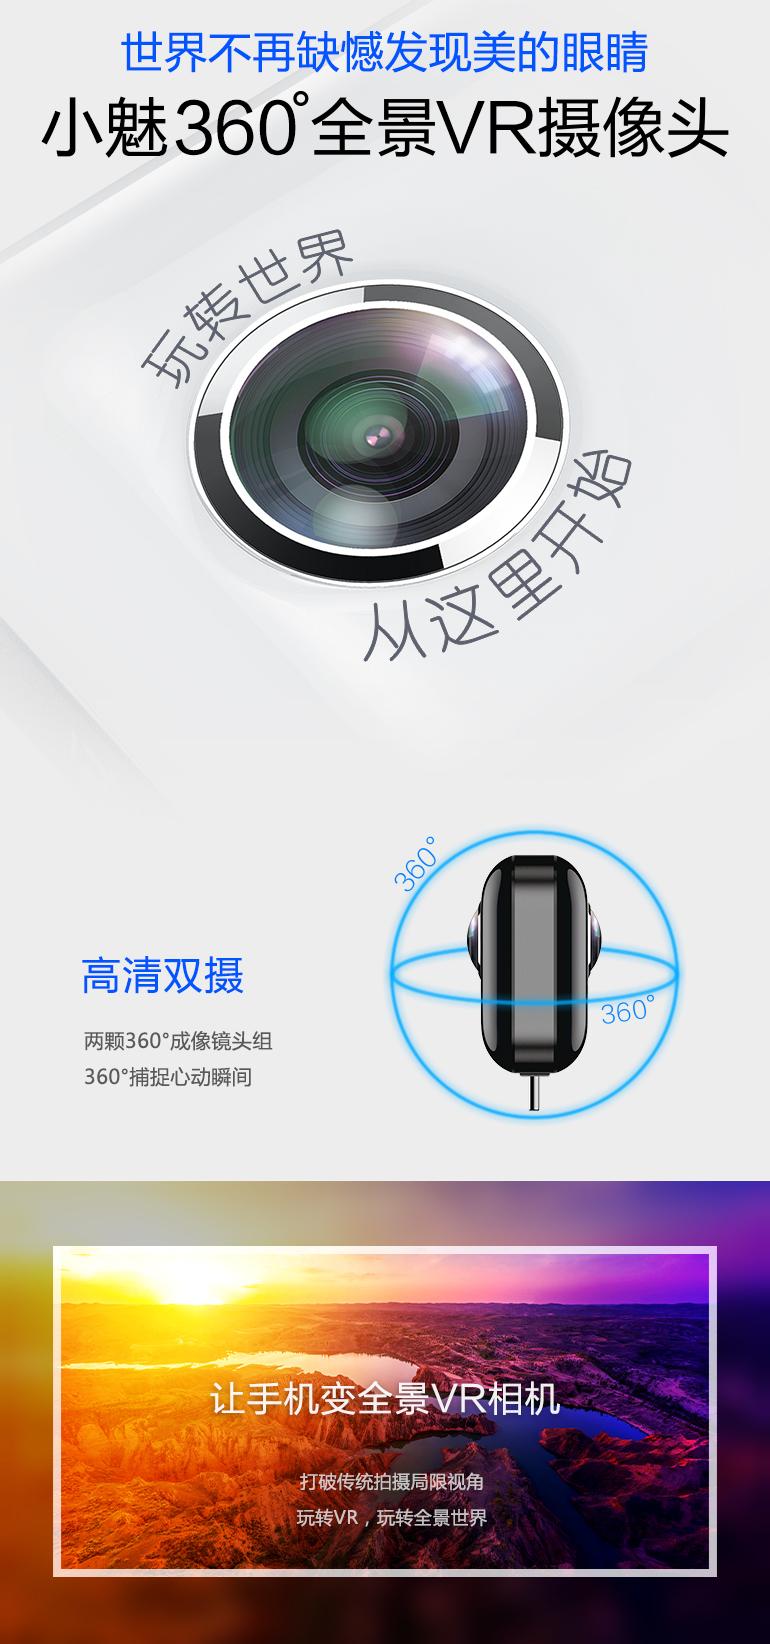 小魅360°全景VR摄像头